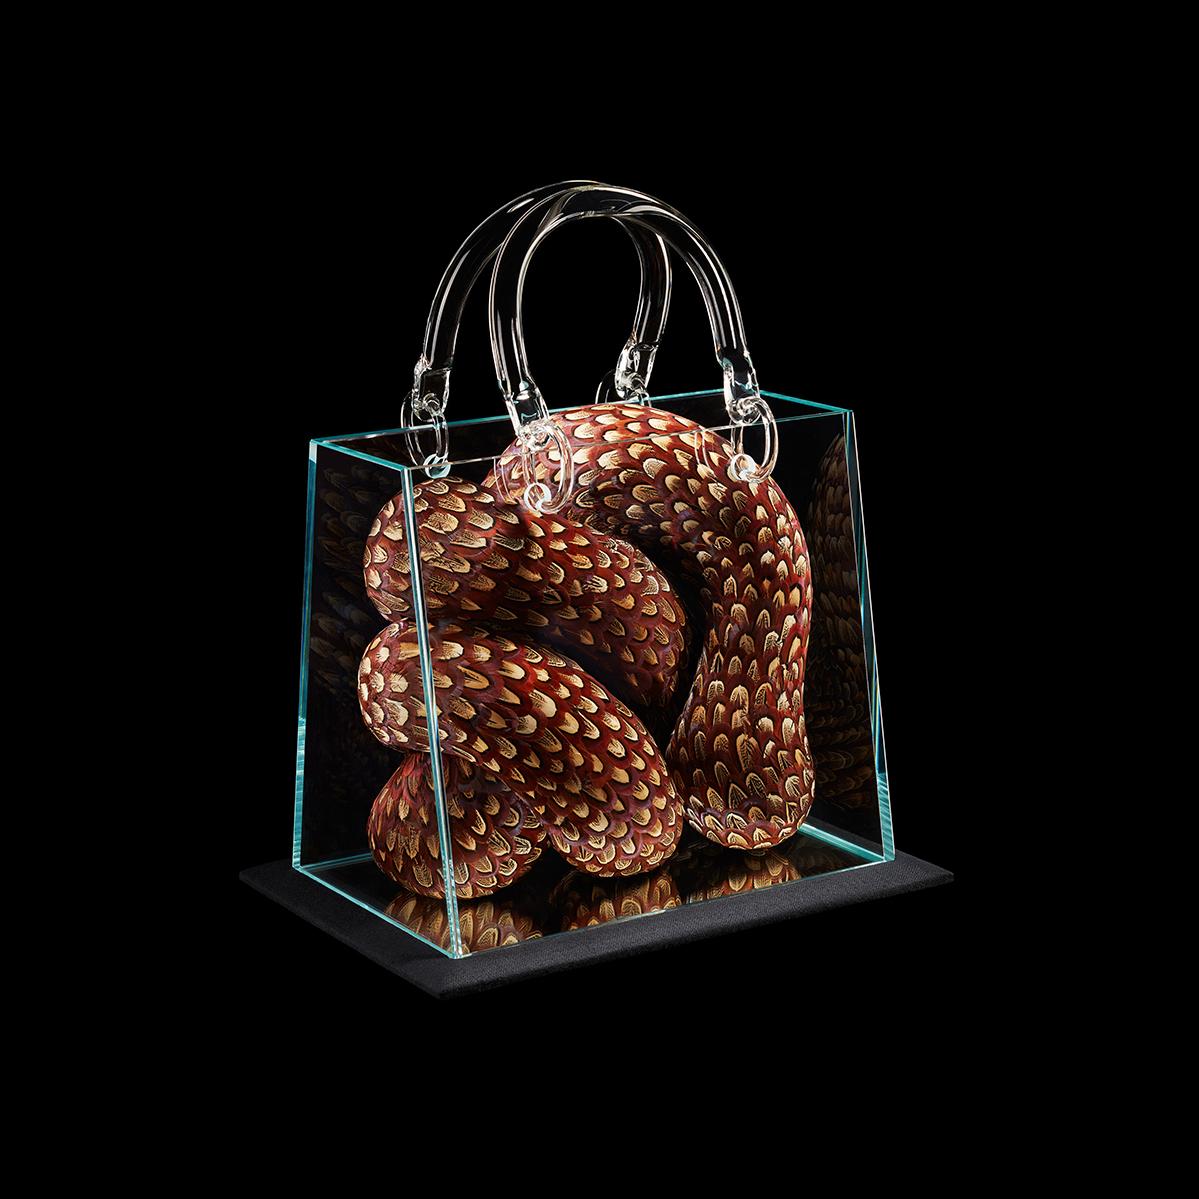 © Dior, Kunstwerk von Kate MccGwIRE als Teil der Lady Dior As Seen By Ausstellung